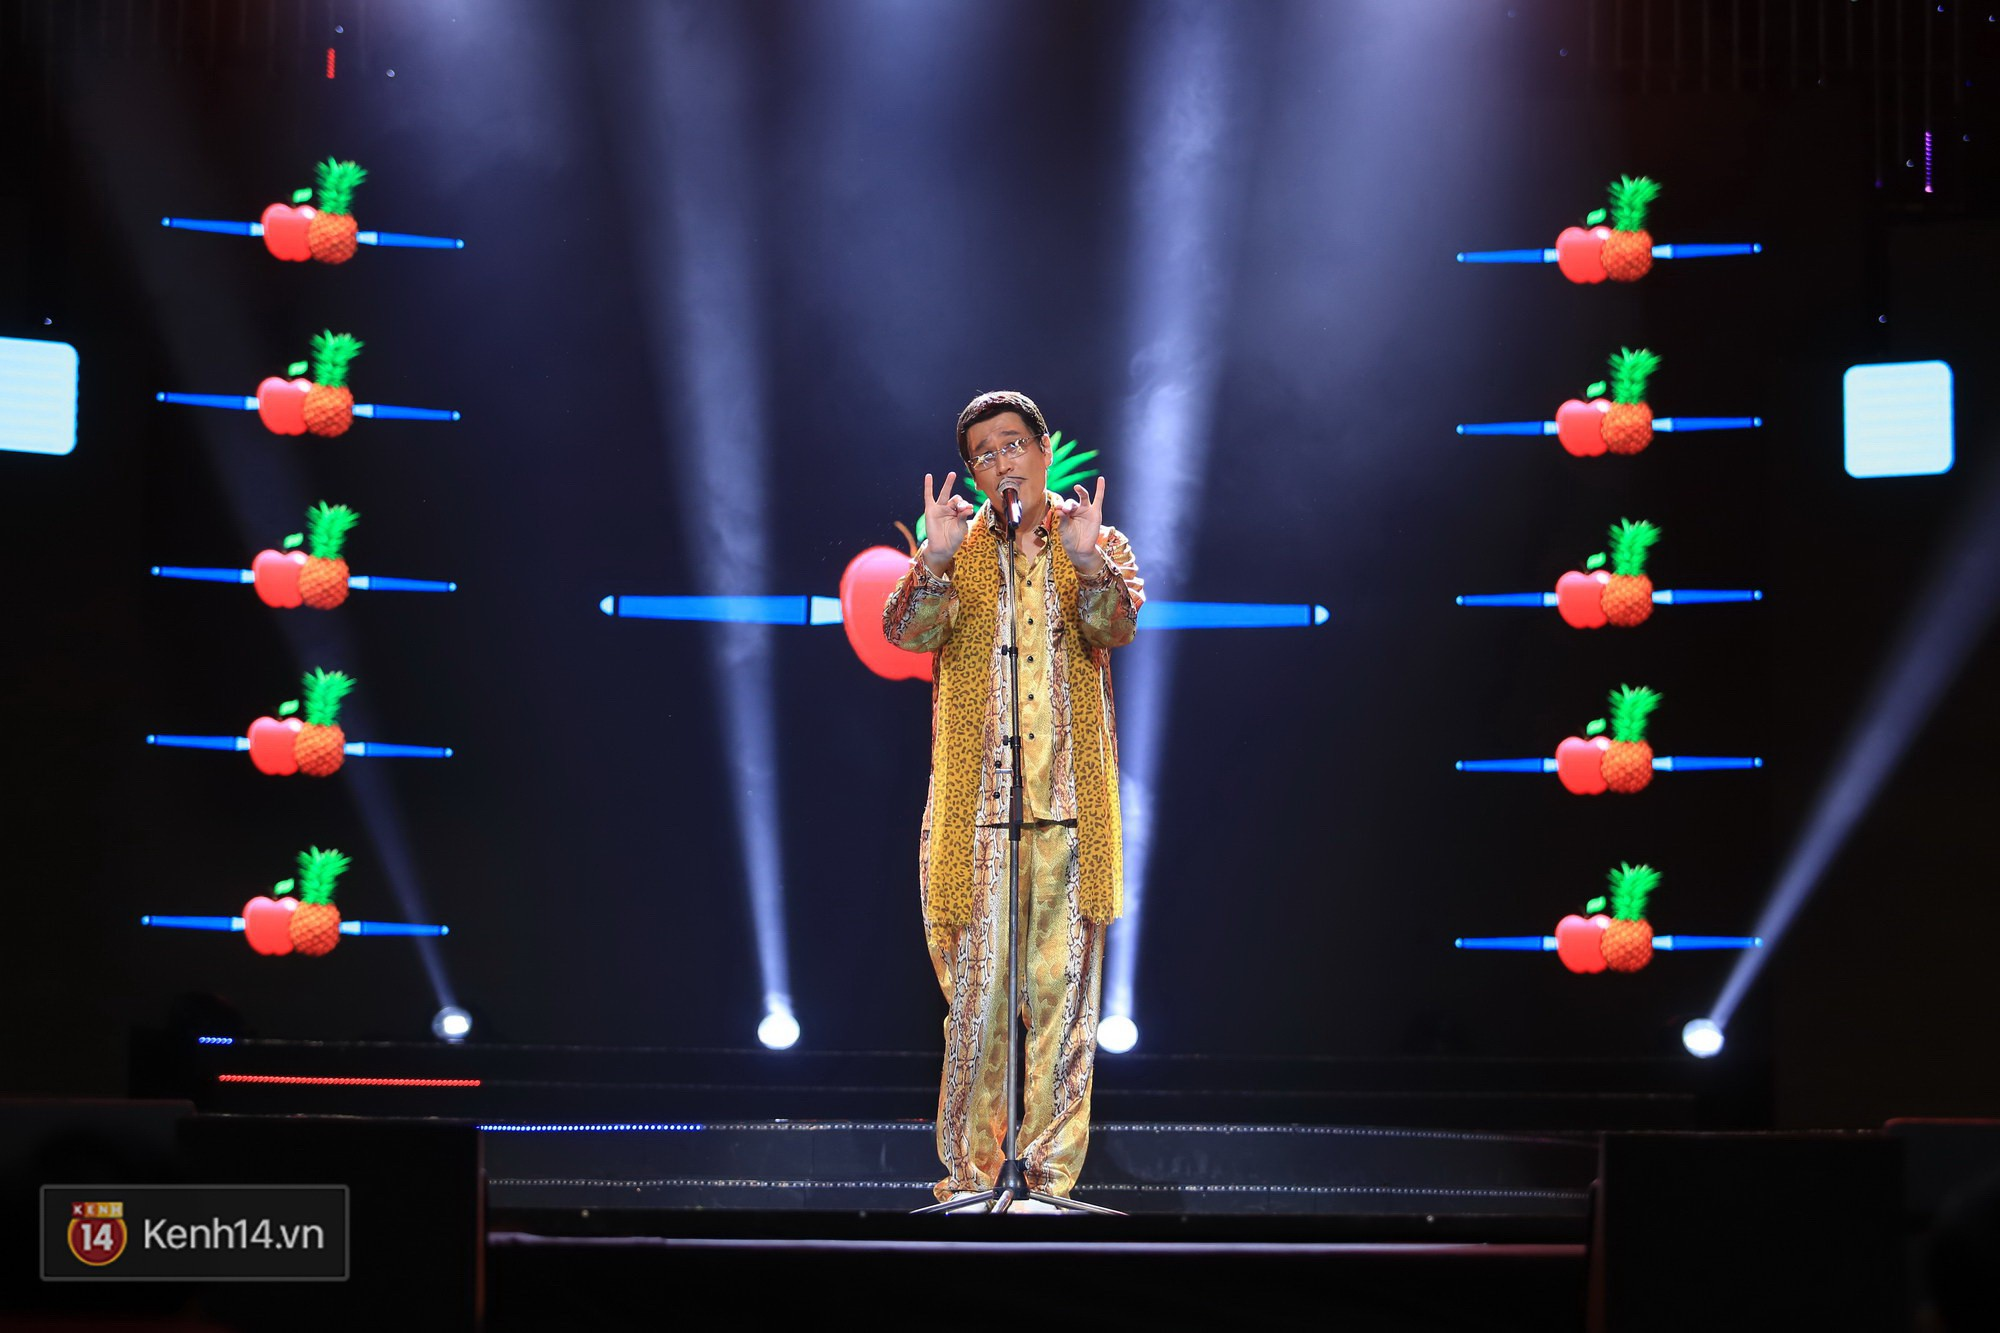 Clip: Đông Nhi và hiện tượng âm nhạc thế giới Bút dứa - Táo bút đốt cháy sân khấu bằng loạt hit đình đám - Ảnh 8.